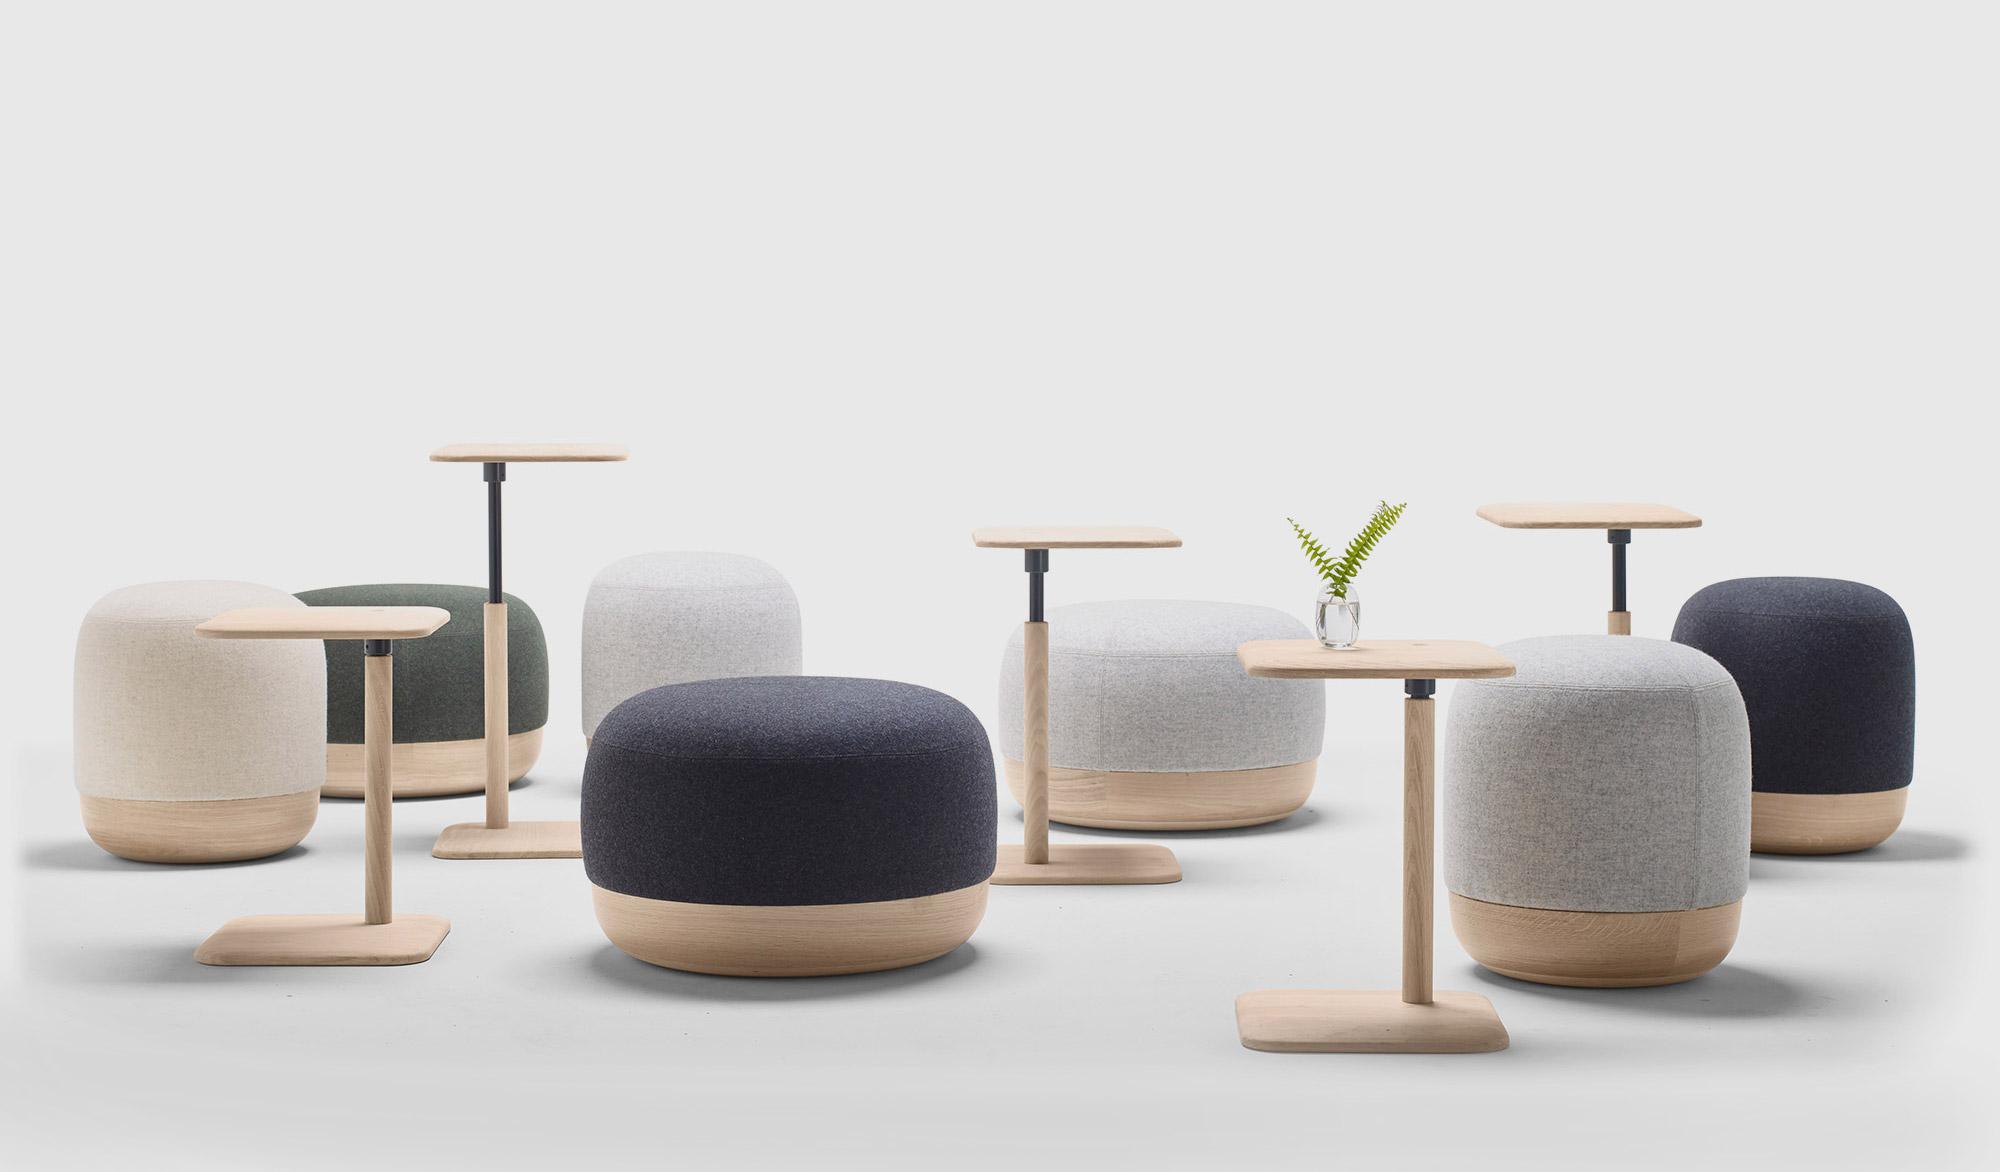 Iratzoki-Lizaso-Design-coffee-table-Alki-Egon-c